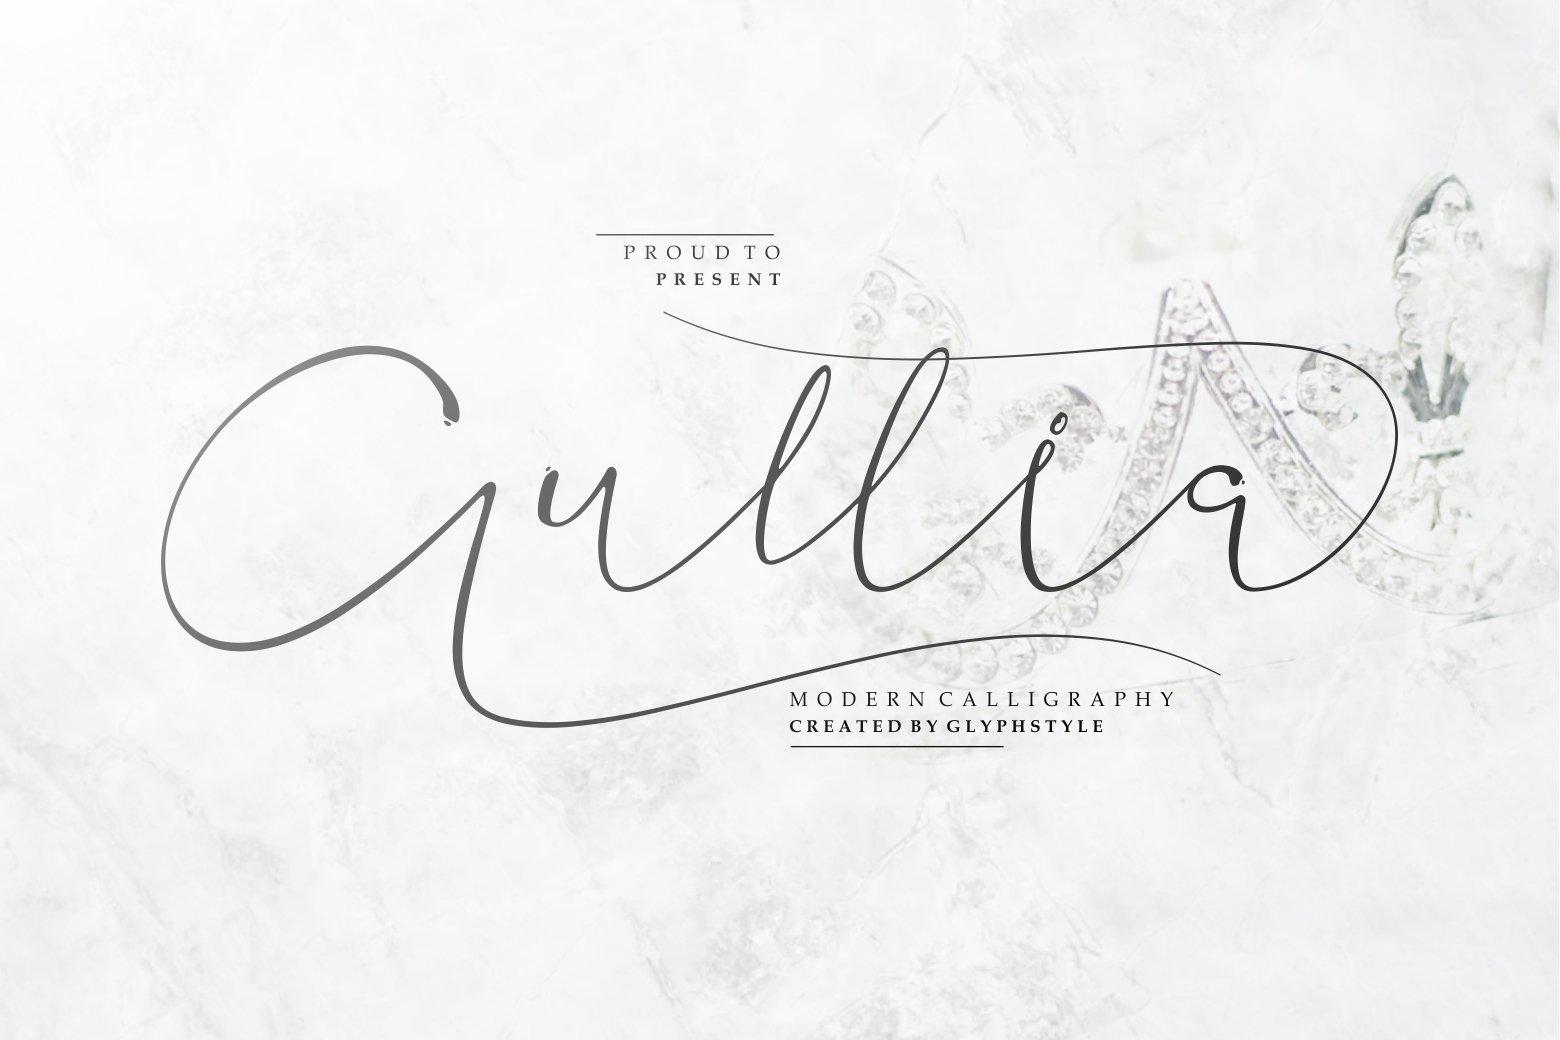 Aullia-Font